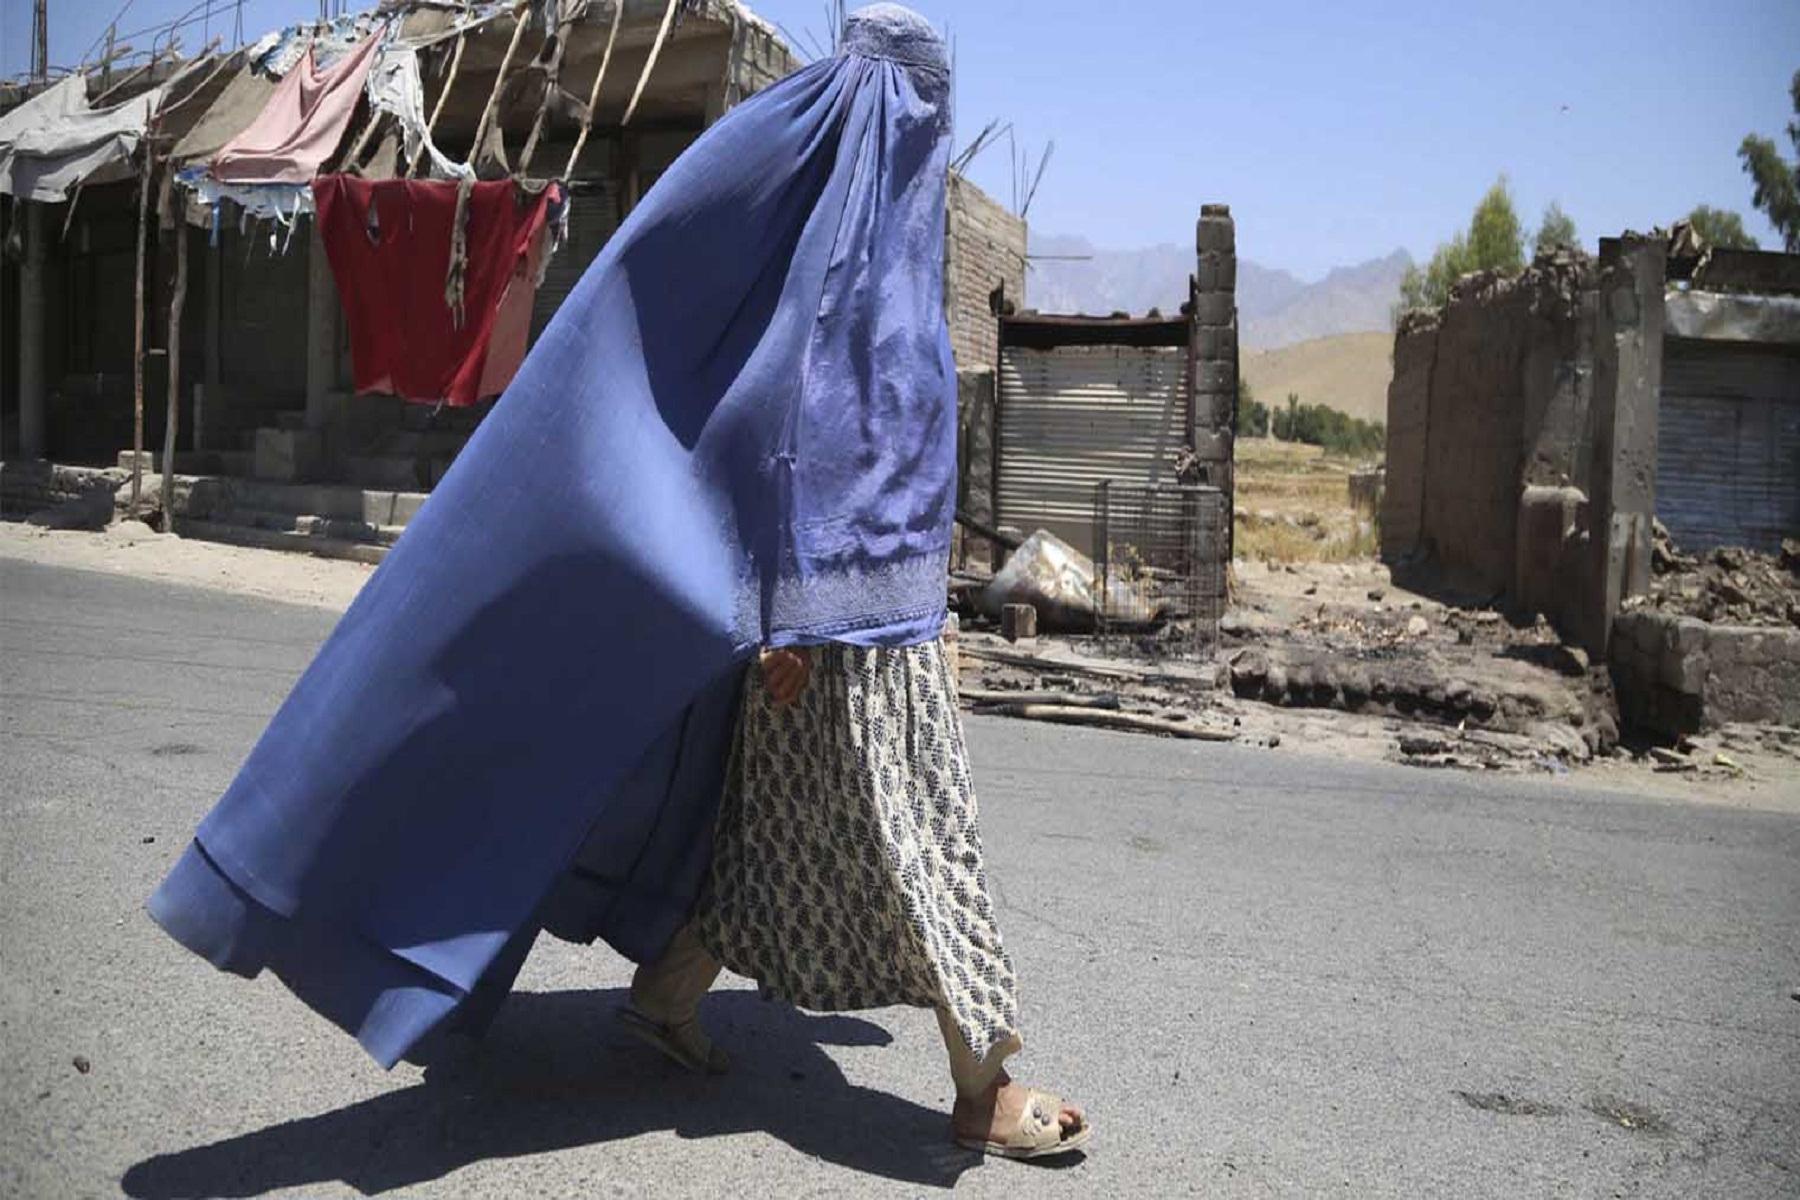 Γιατροί Χωρίς Σύνορα Αφγανιστάν: Συγκλονιστική μαρτυρία γυναικολόγου μέσα από μαιευτική κλινική